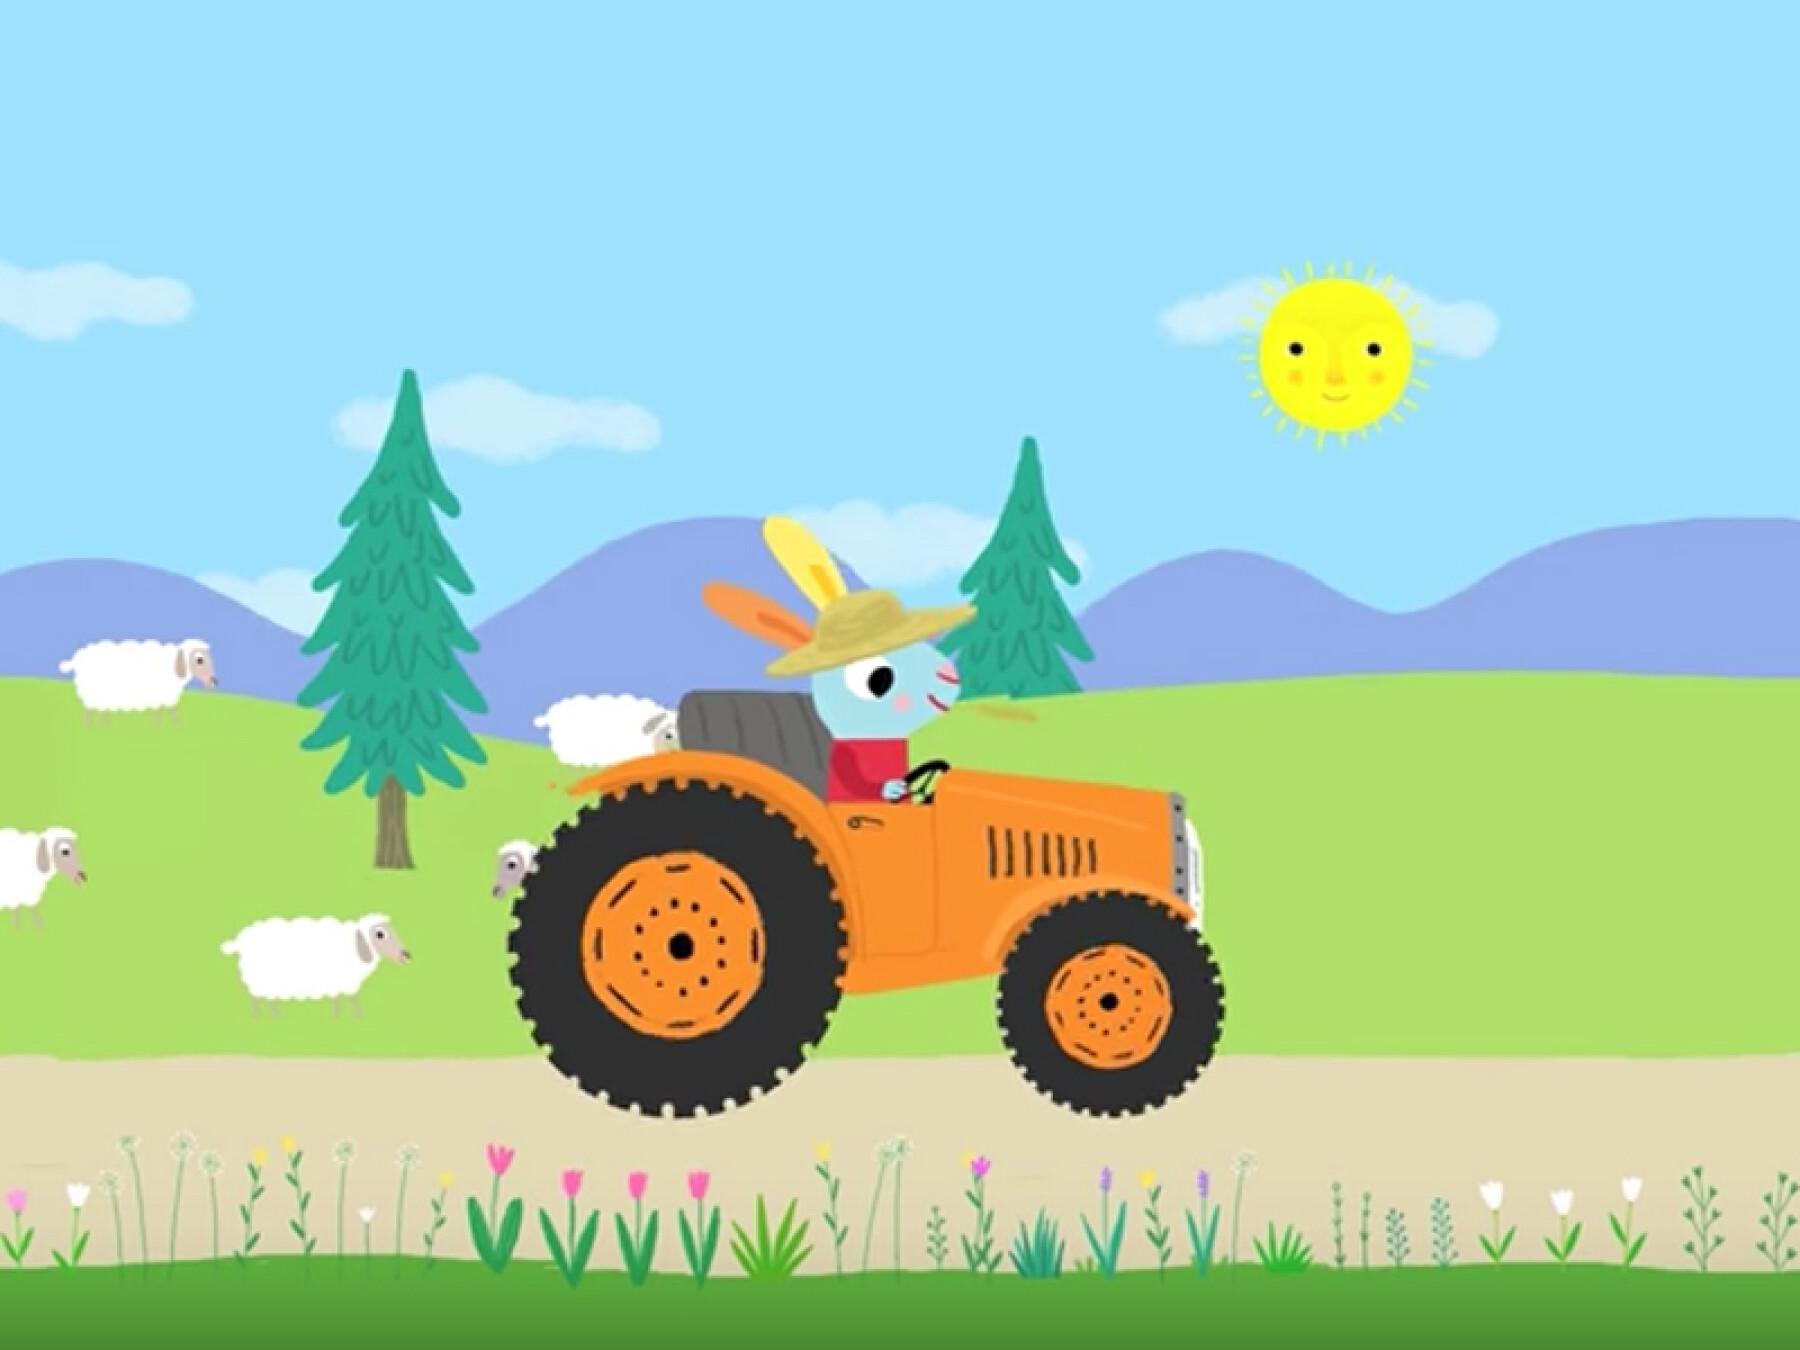 Le fermier dans son pré